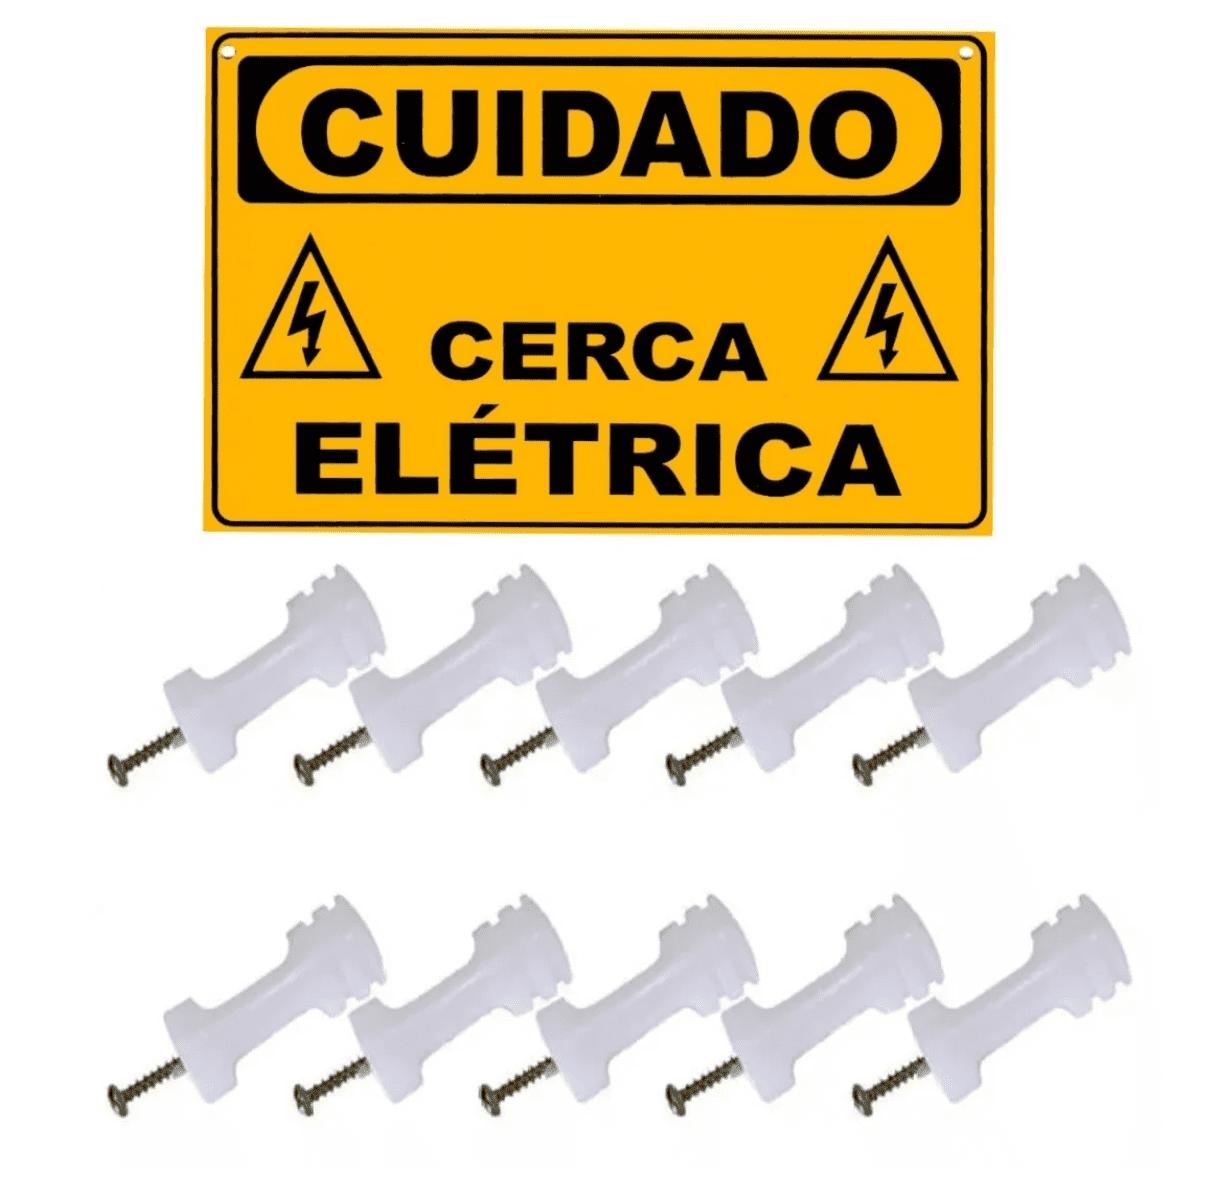 Isolador Branco Haste Cerca Elétrica + Brinde Placa Cuidado  - Ambientude Agro e Pet